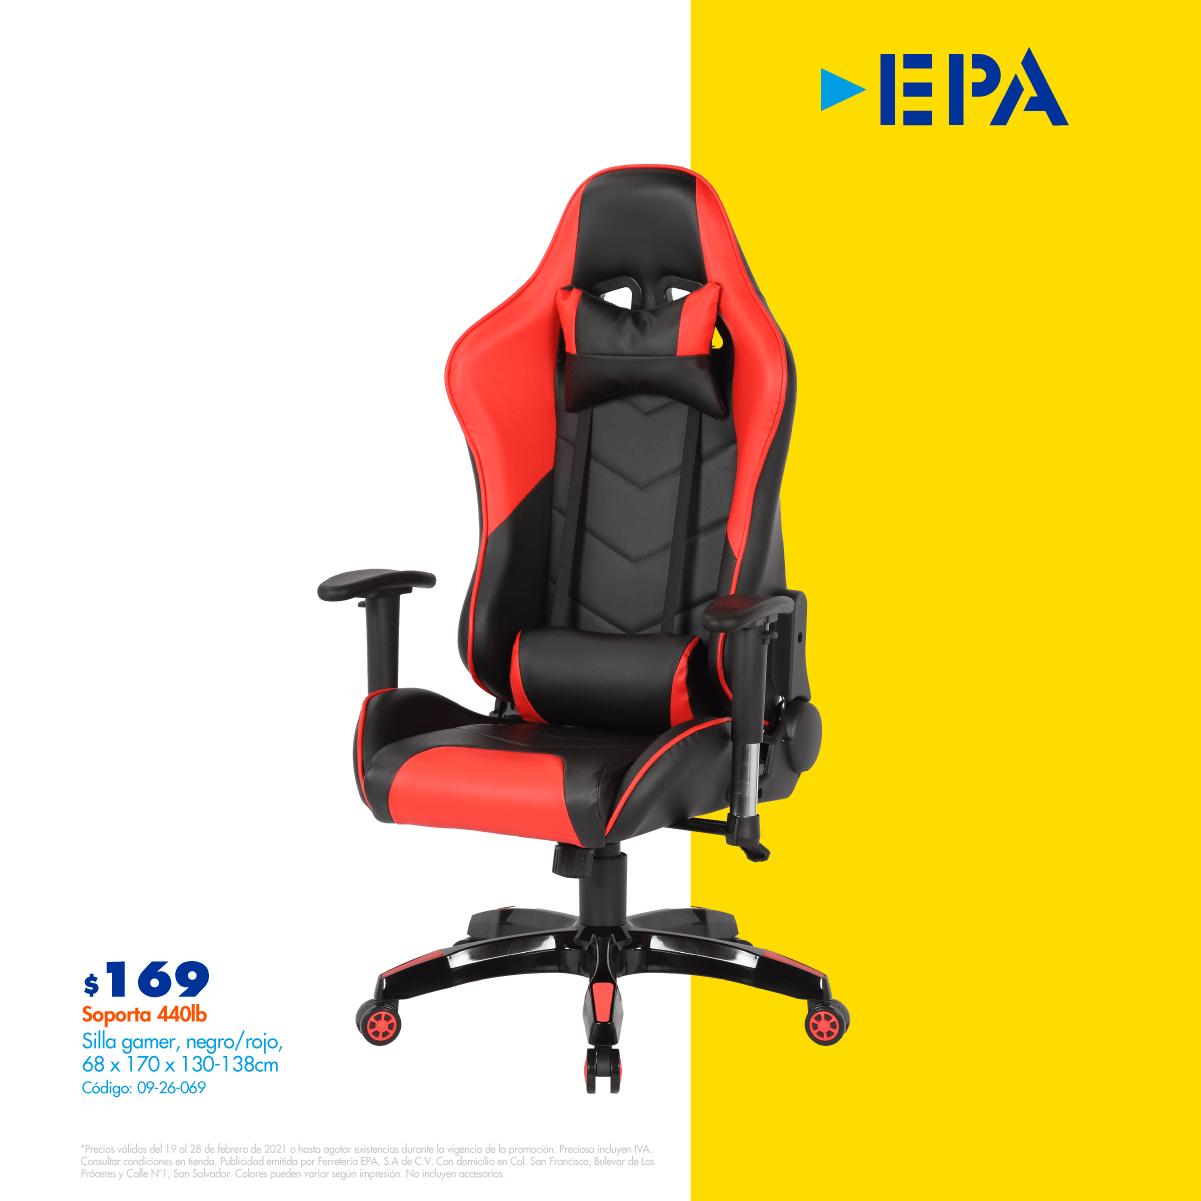 SUPER-cool-silla-gamer-el-salvador-ferreteria-epa-2021